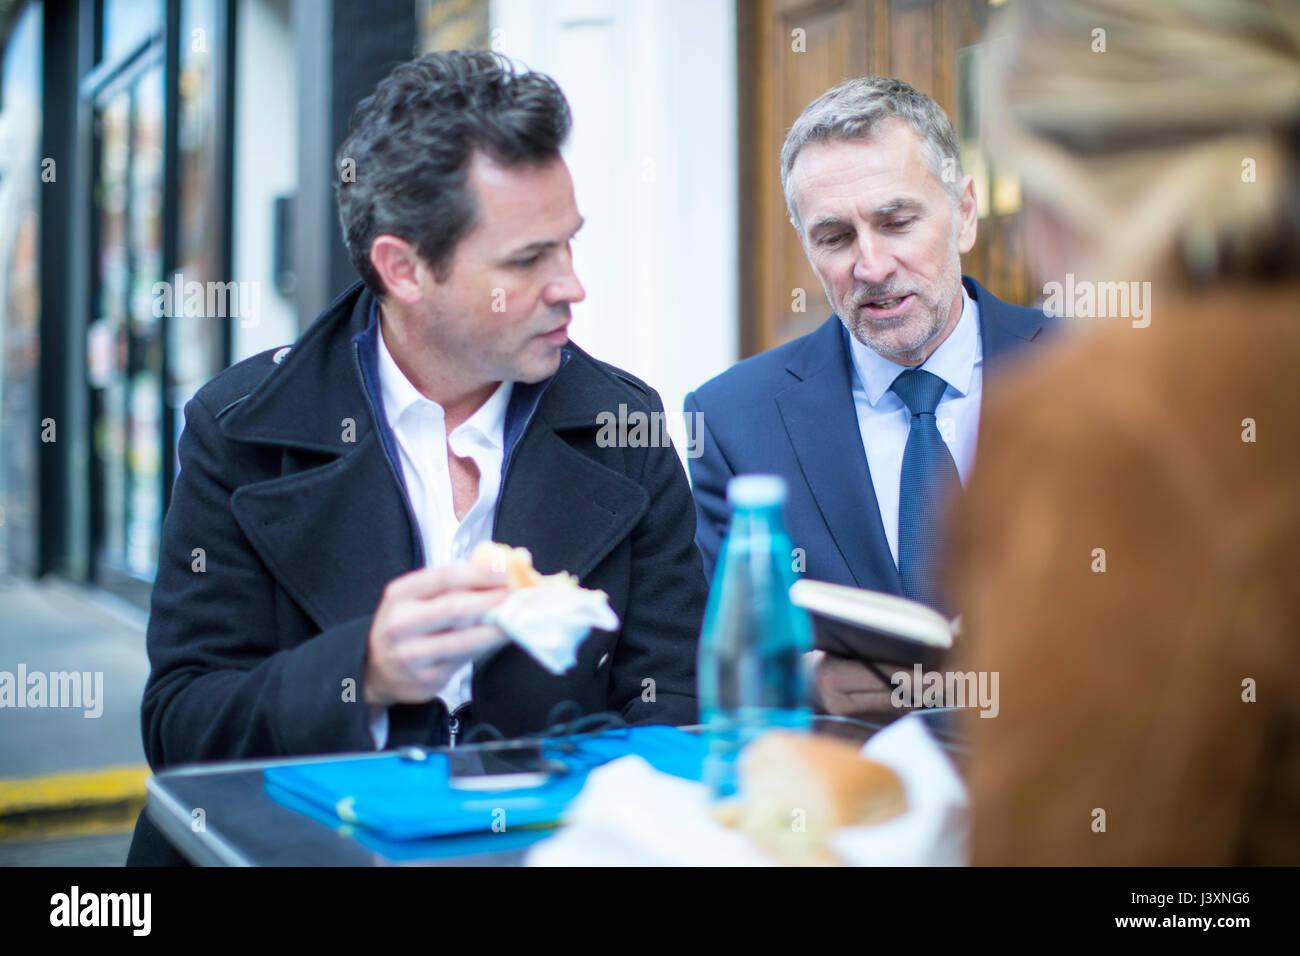 Geschäftsleute im Straßencafé in Arbeitsessen Stockbild